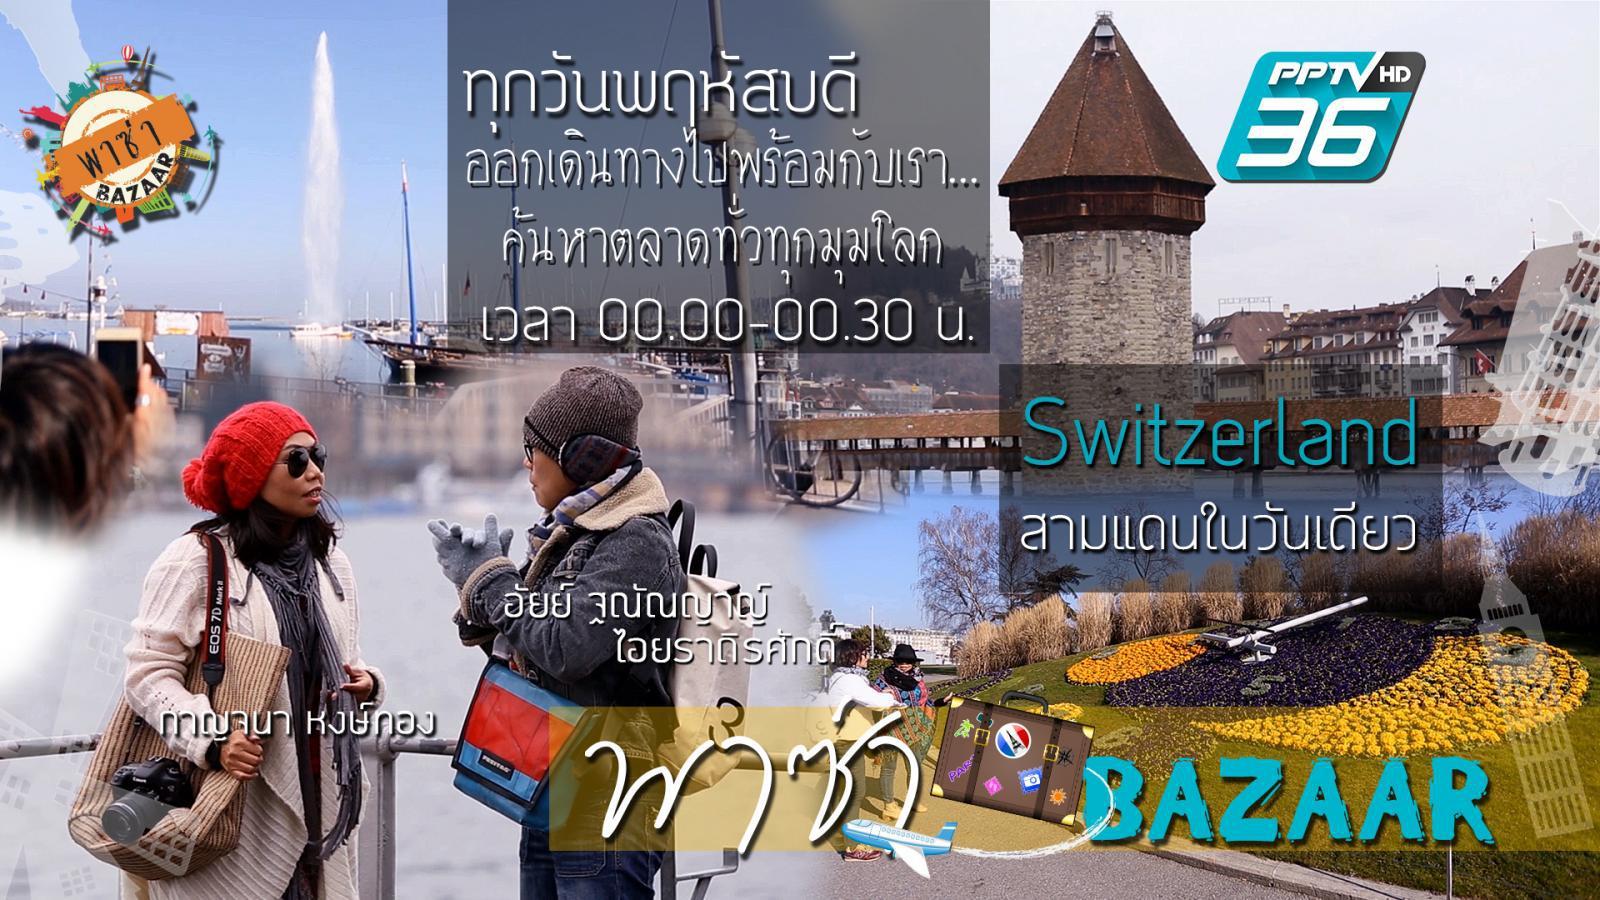 Switzerland สามแดนในวันเดียว